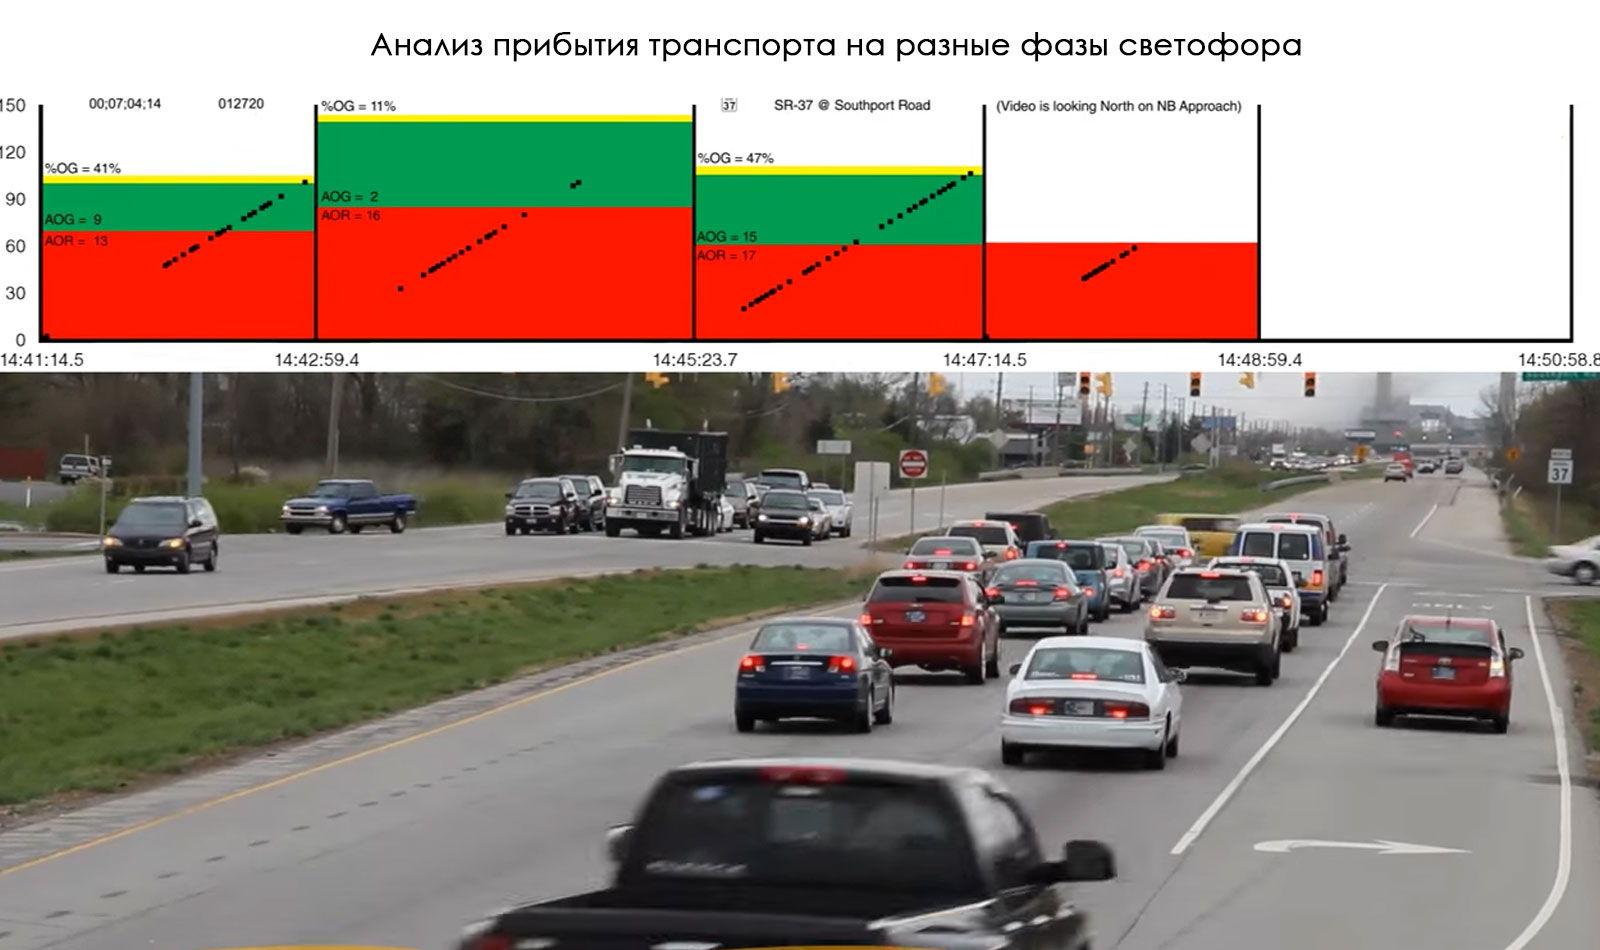 Анализ прибытия транспорта на различные фазы светофора